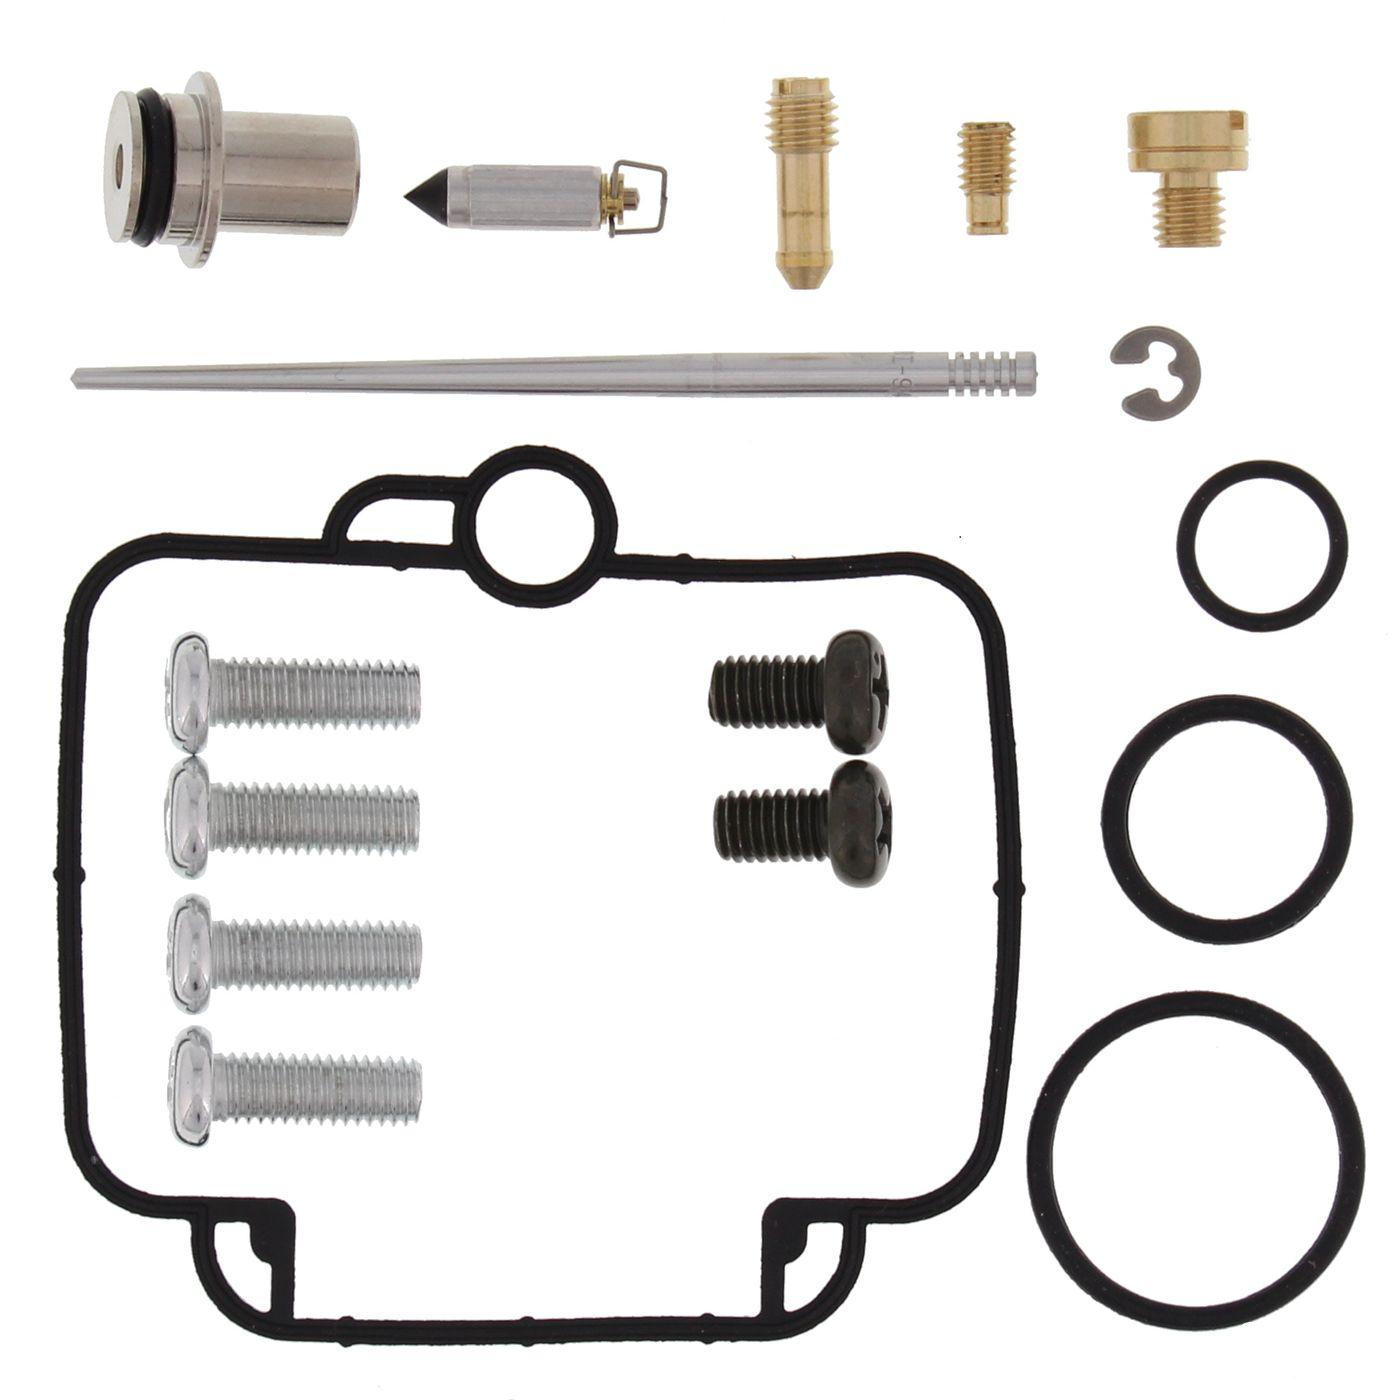 wrp carb repair kits - WRP261017 image